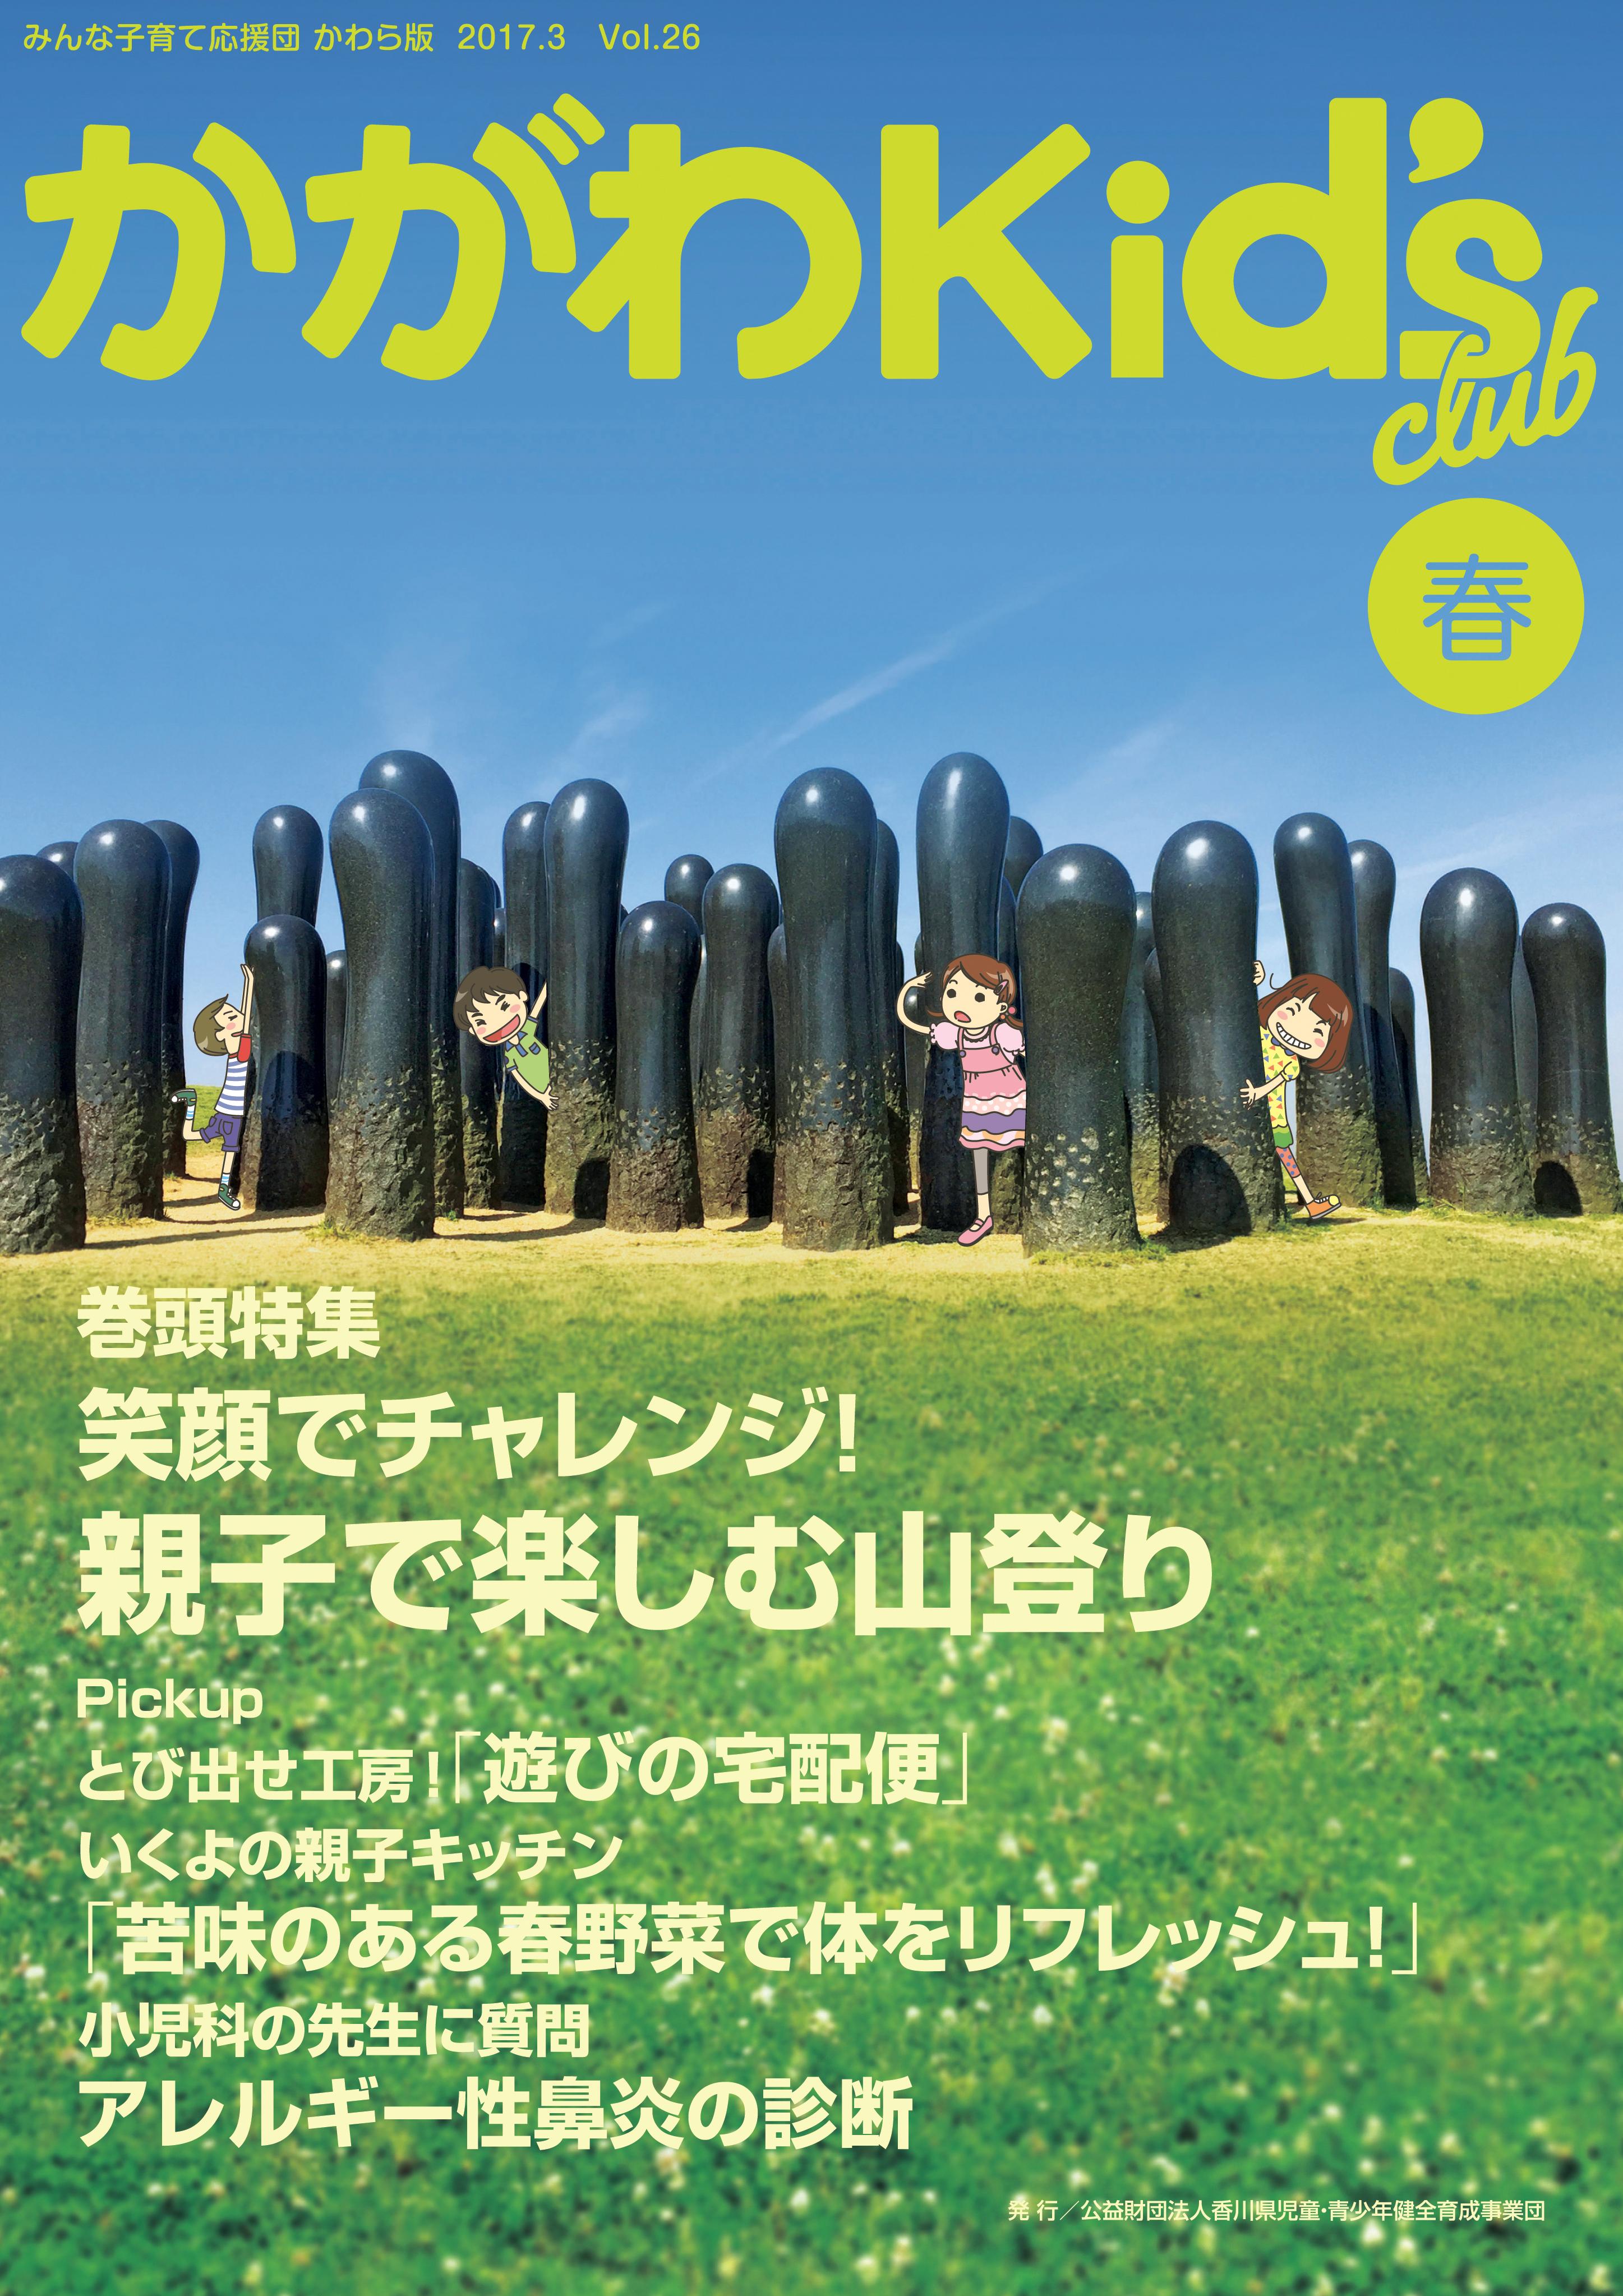 かがわKid's club 2017 春Vol.26